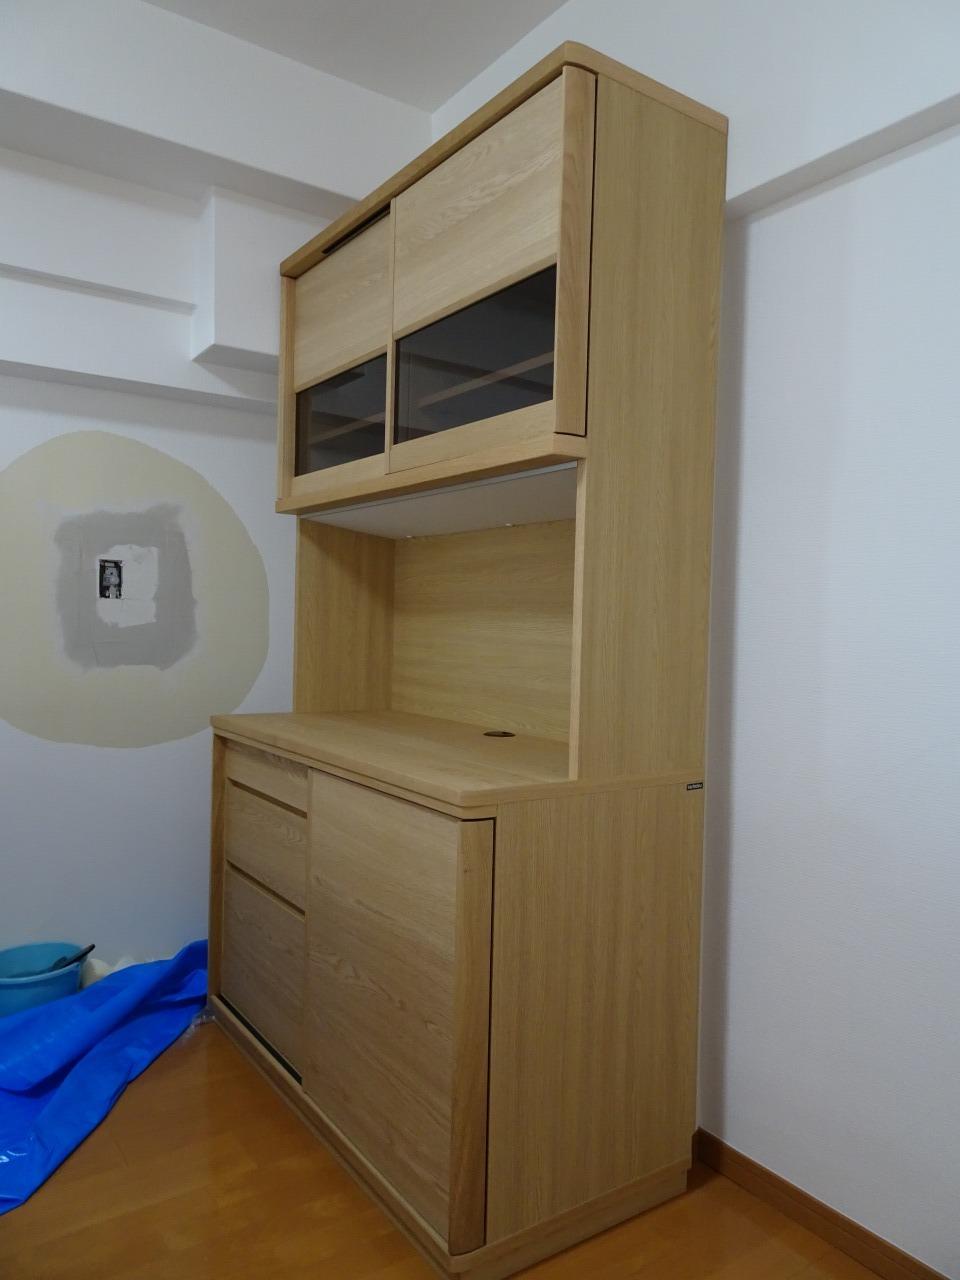 カリモク家具の食器棚(ET4415ME)をお届けいたしました。